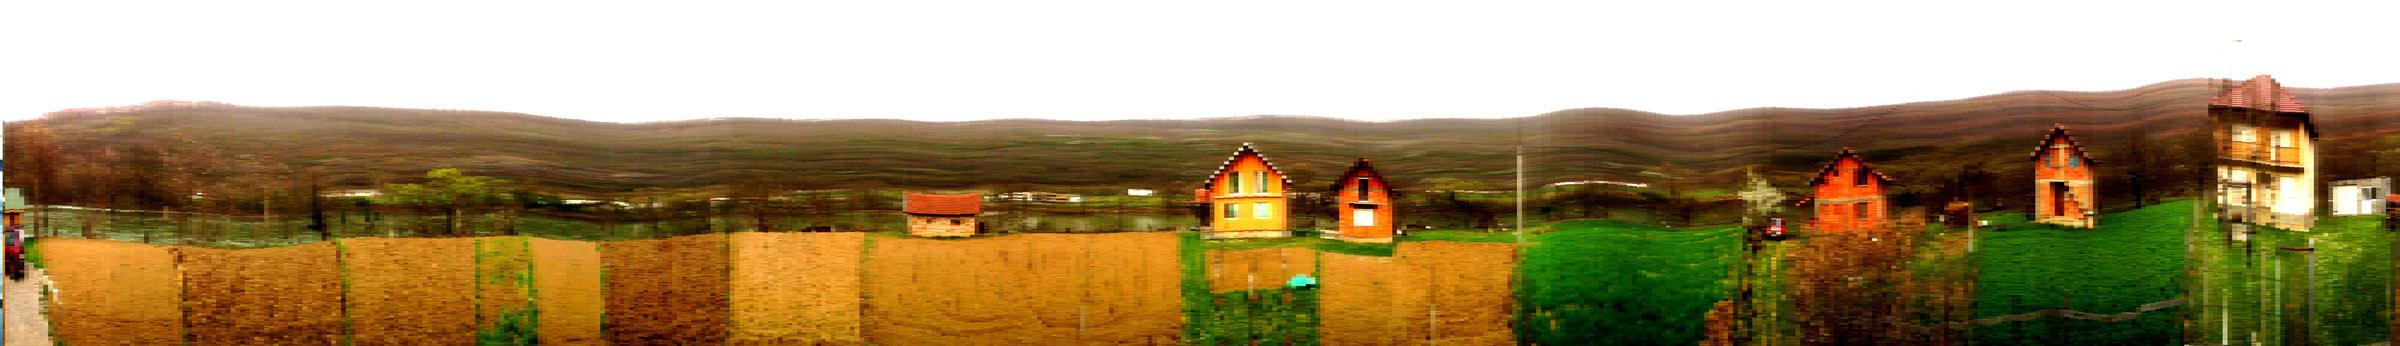 johann moser - timebased landscape 82-1